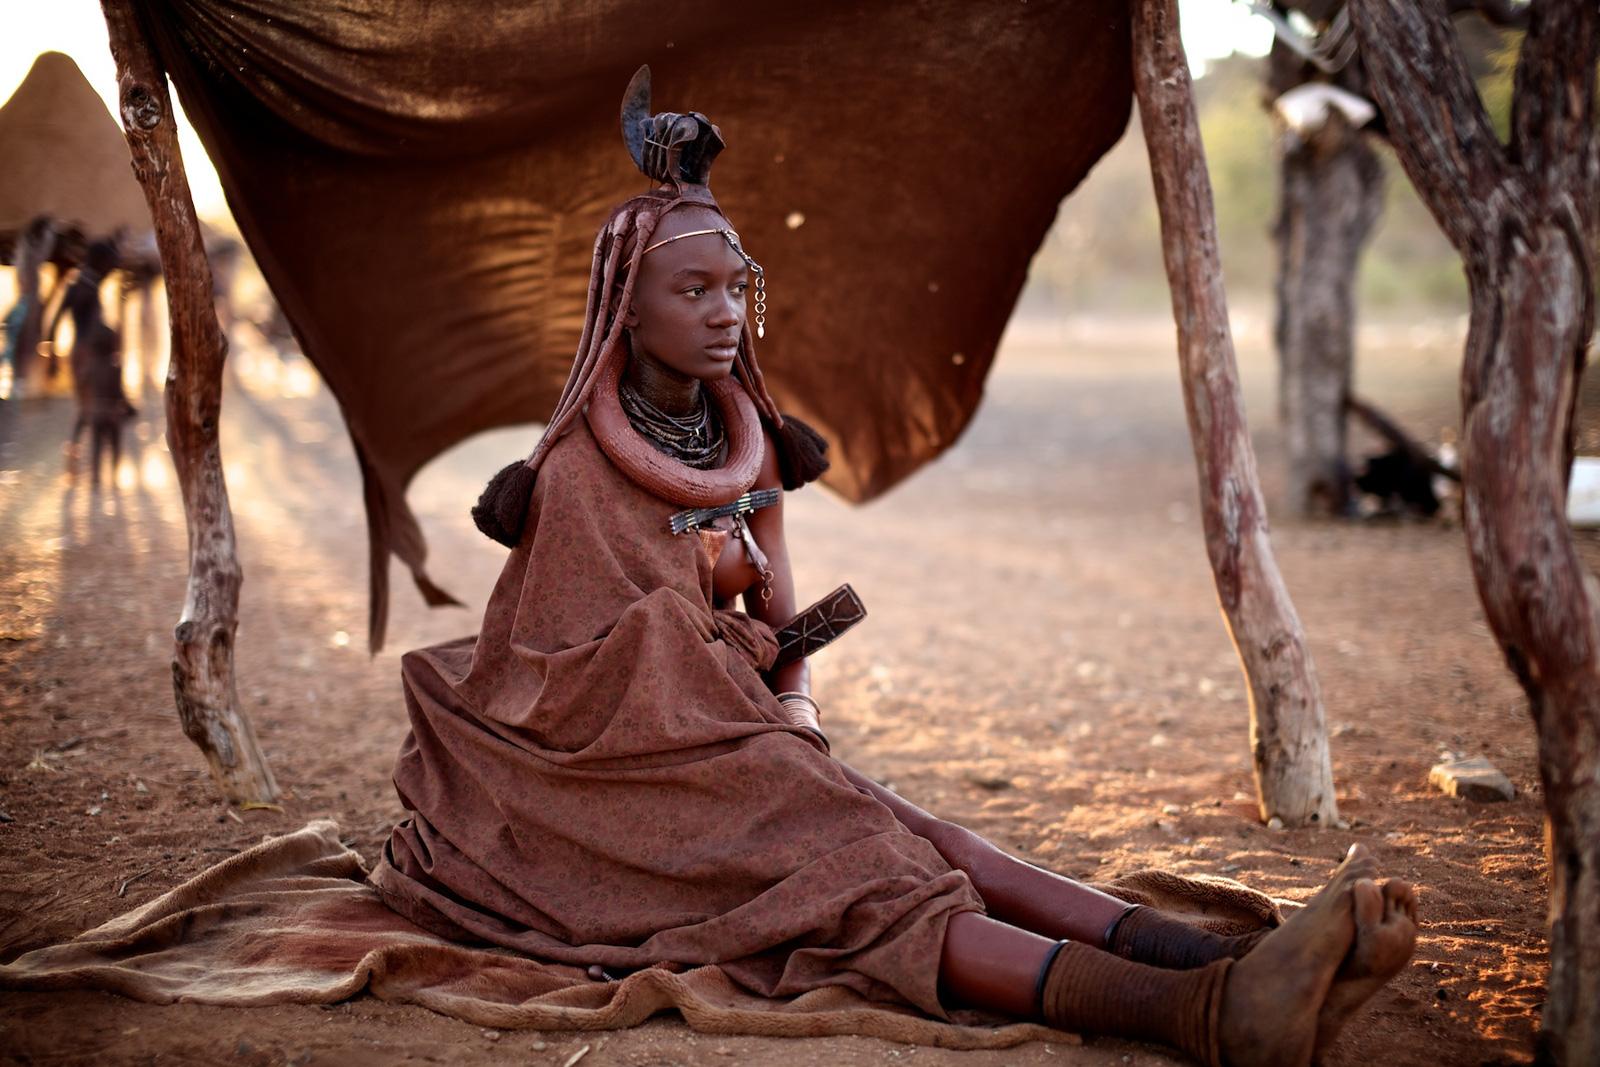 https://i2.wp.com/magazine.africageographic.com/wp-content/uploads/2014/10/Himba-women-namibia-alegra-ally-12.jpg